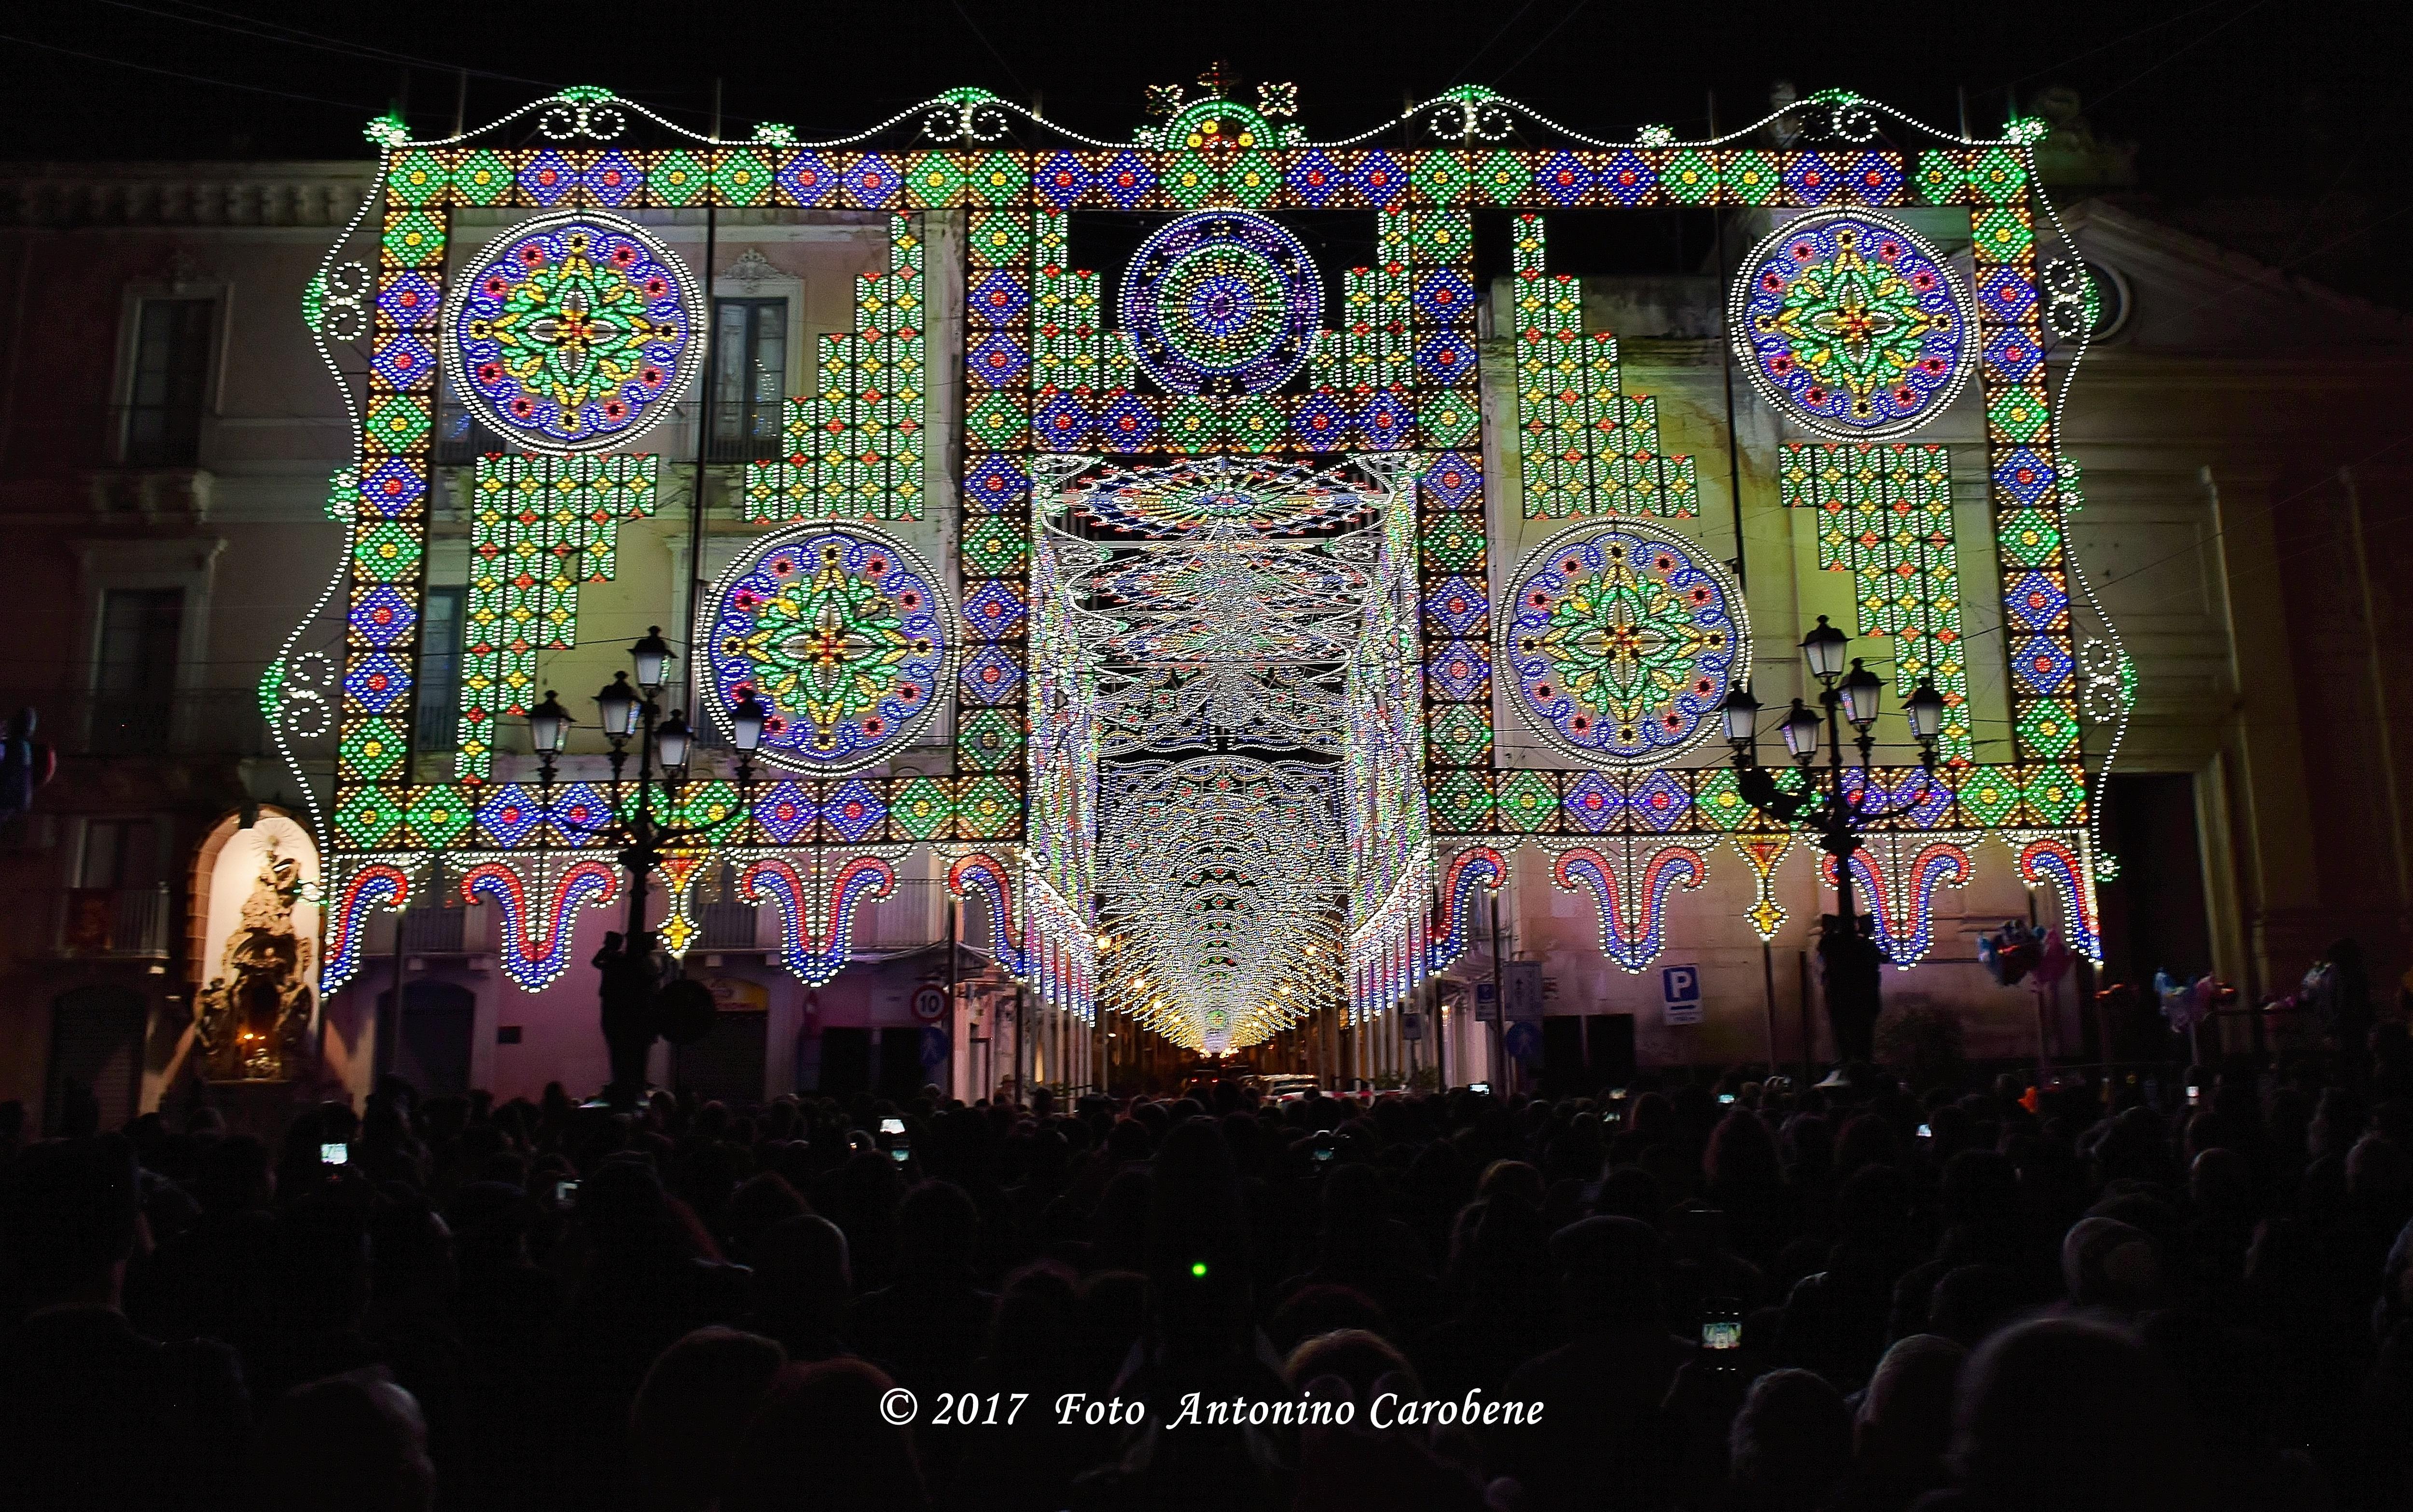 Un fermo immagine dell'accensione delle nuove e imponenti luminarie in Piazza Indipendenza a Paternò allestite in occasione dei festeggiamenti in onore di Santa Barbara, Patrona di Paternò. (Foto: Antonino Carobene)